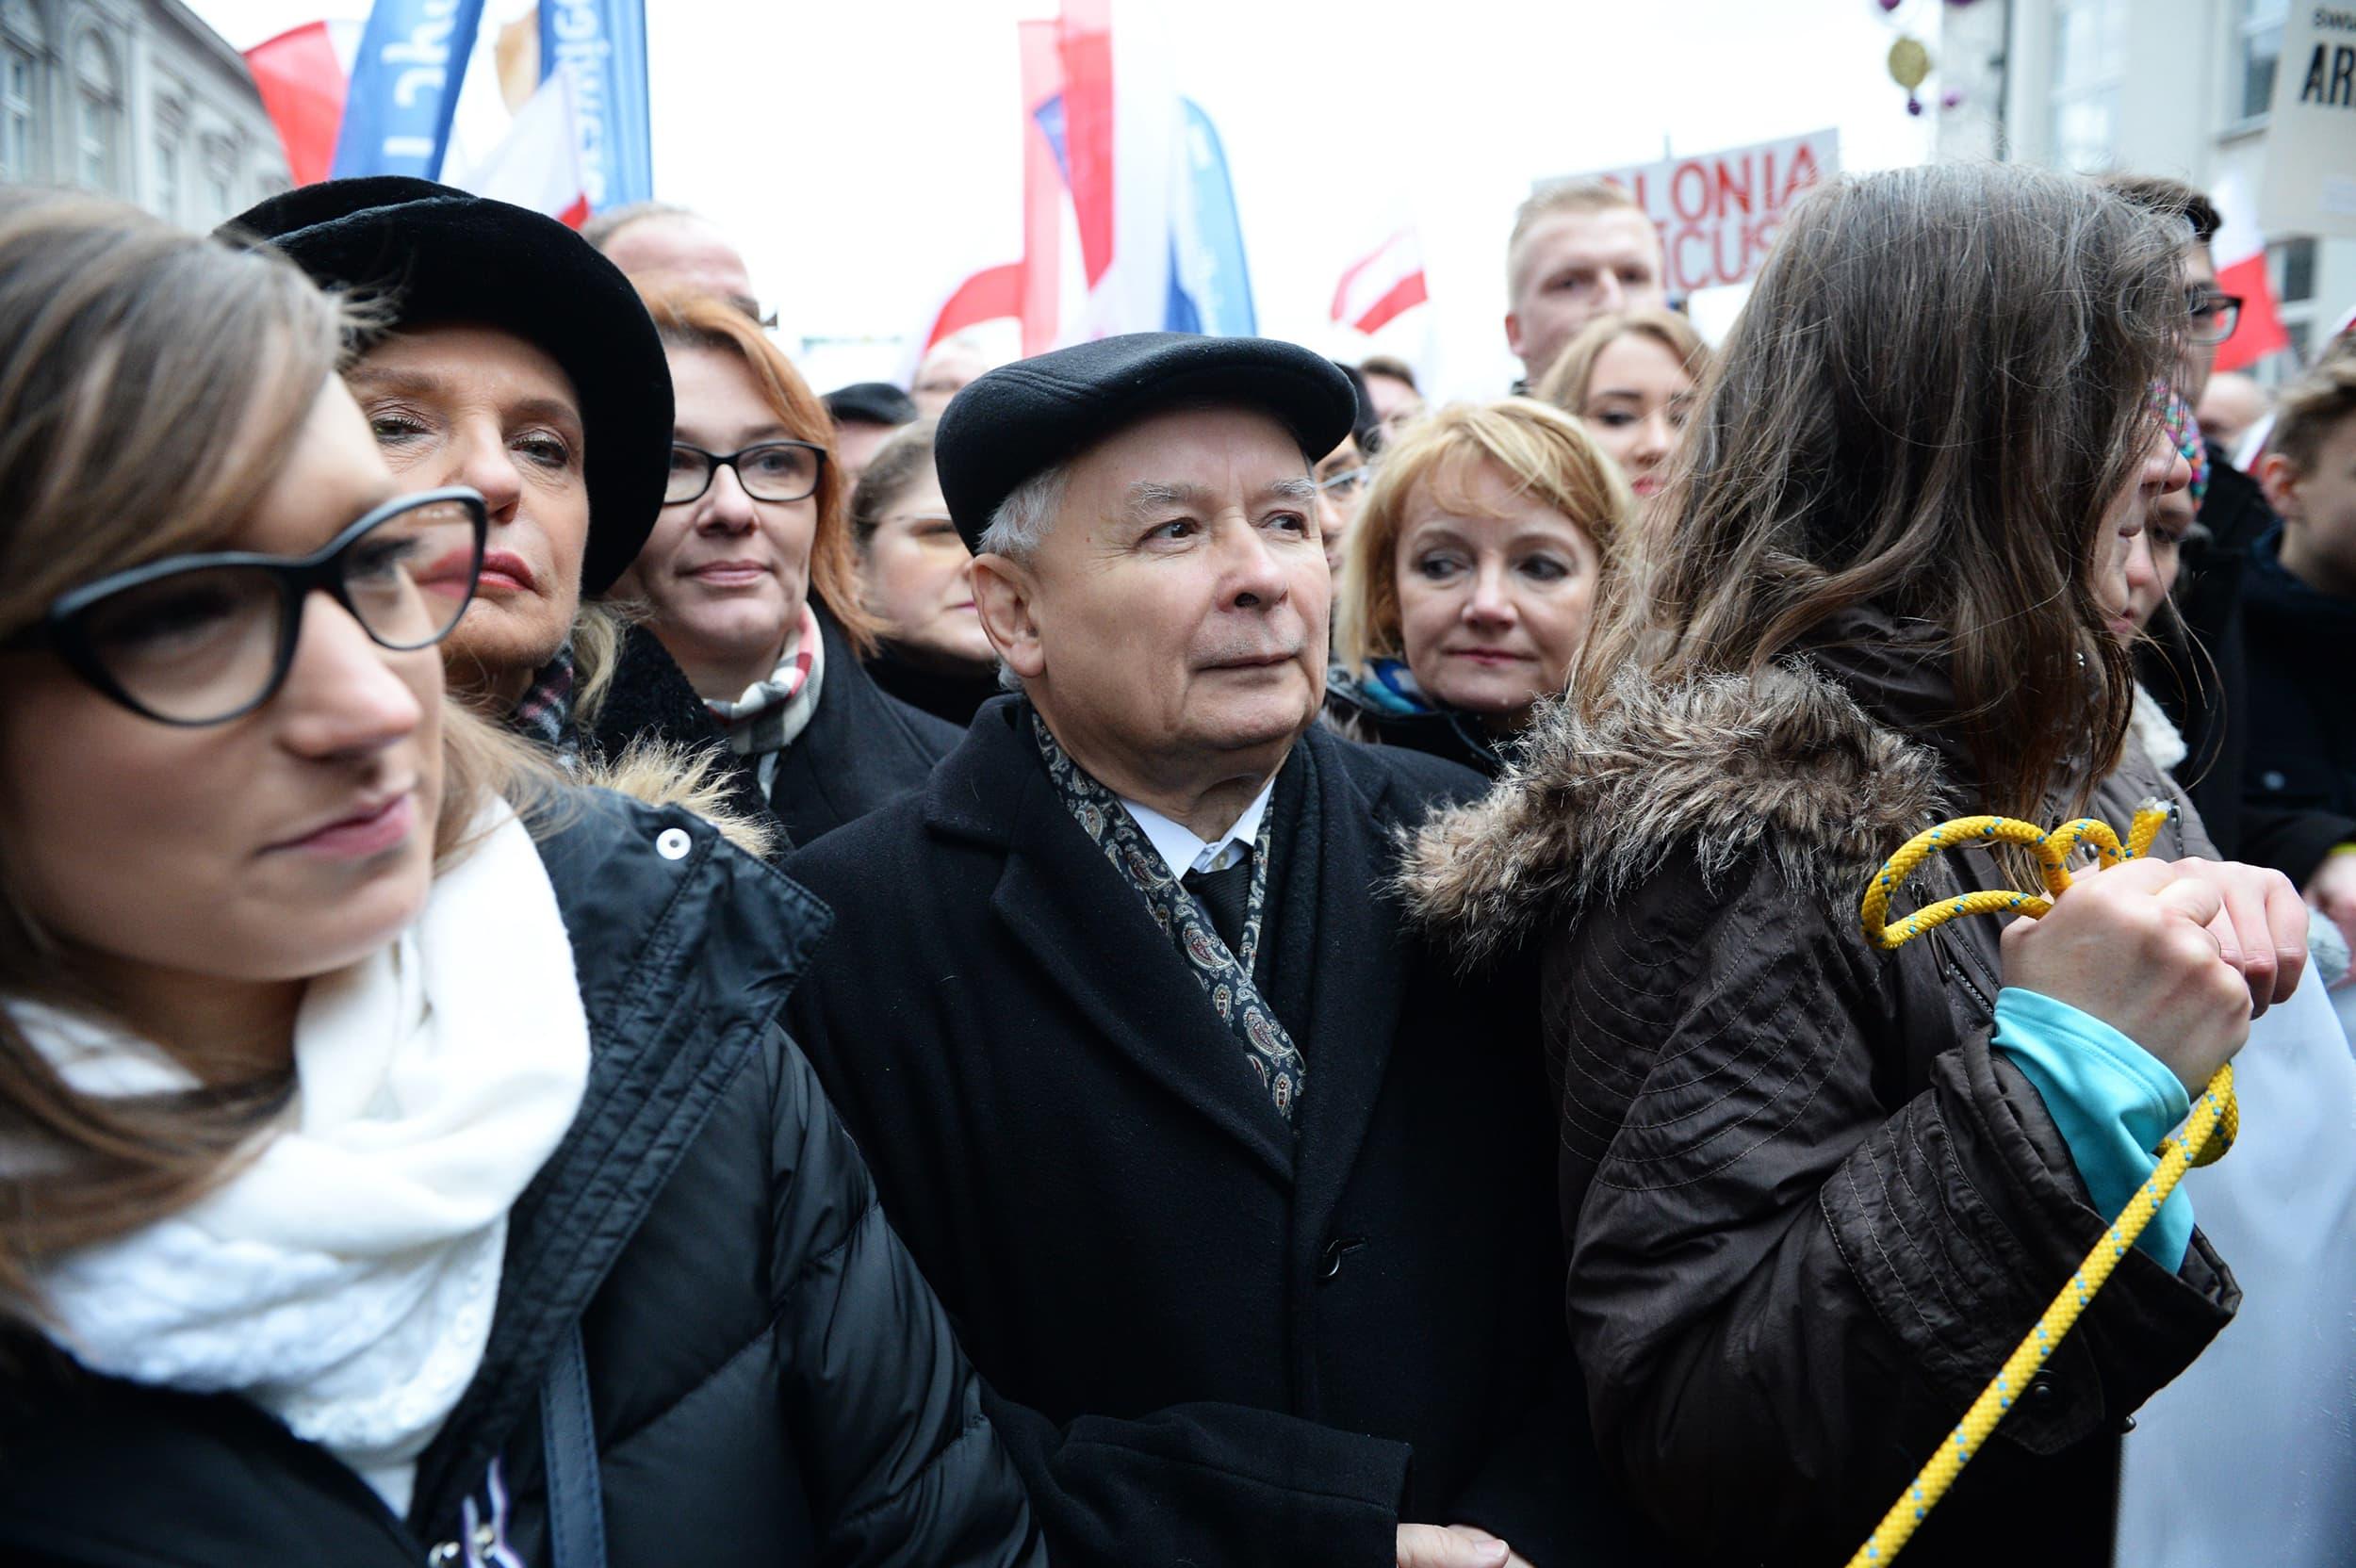 Laki ja oikeus -puolueen johtaja Jaroslaw Kaczynski mielenosoittajien joukossa Varsovassa 13. joulukuuta.